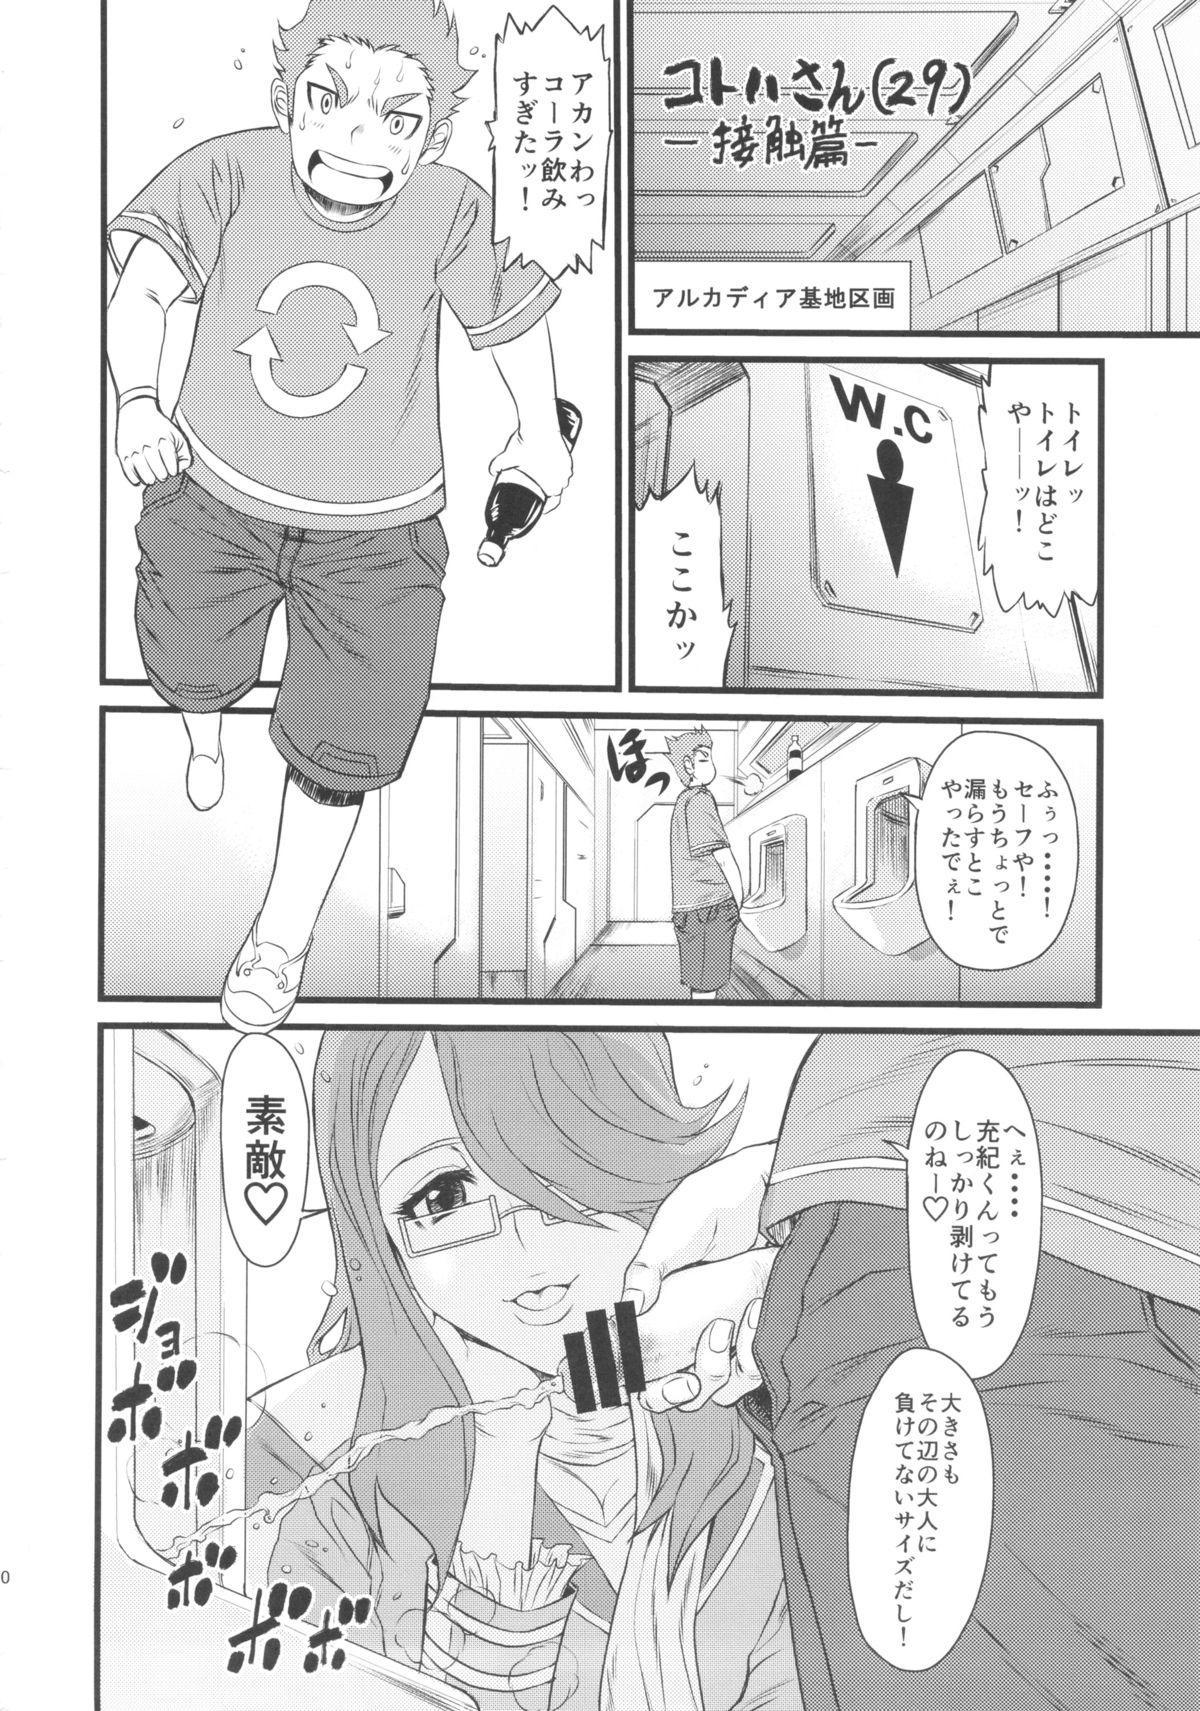 Ichido de Iikara Onegai Shitai Teacher 18